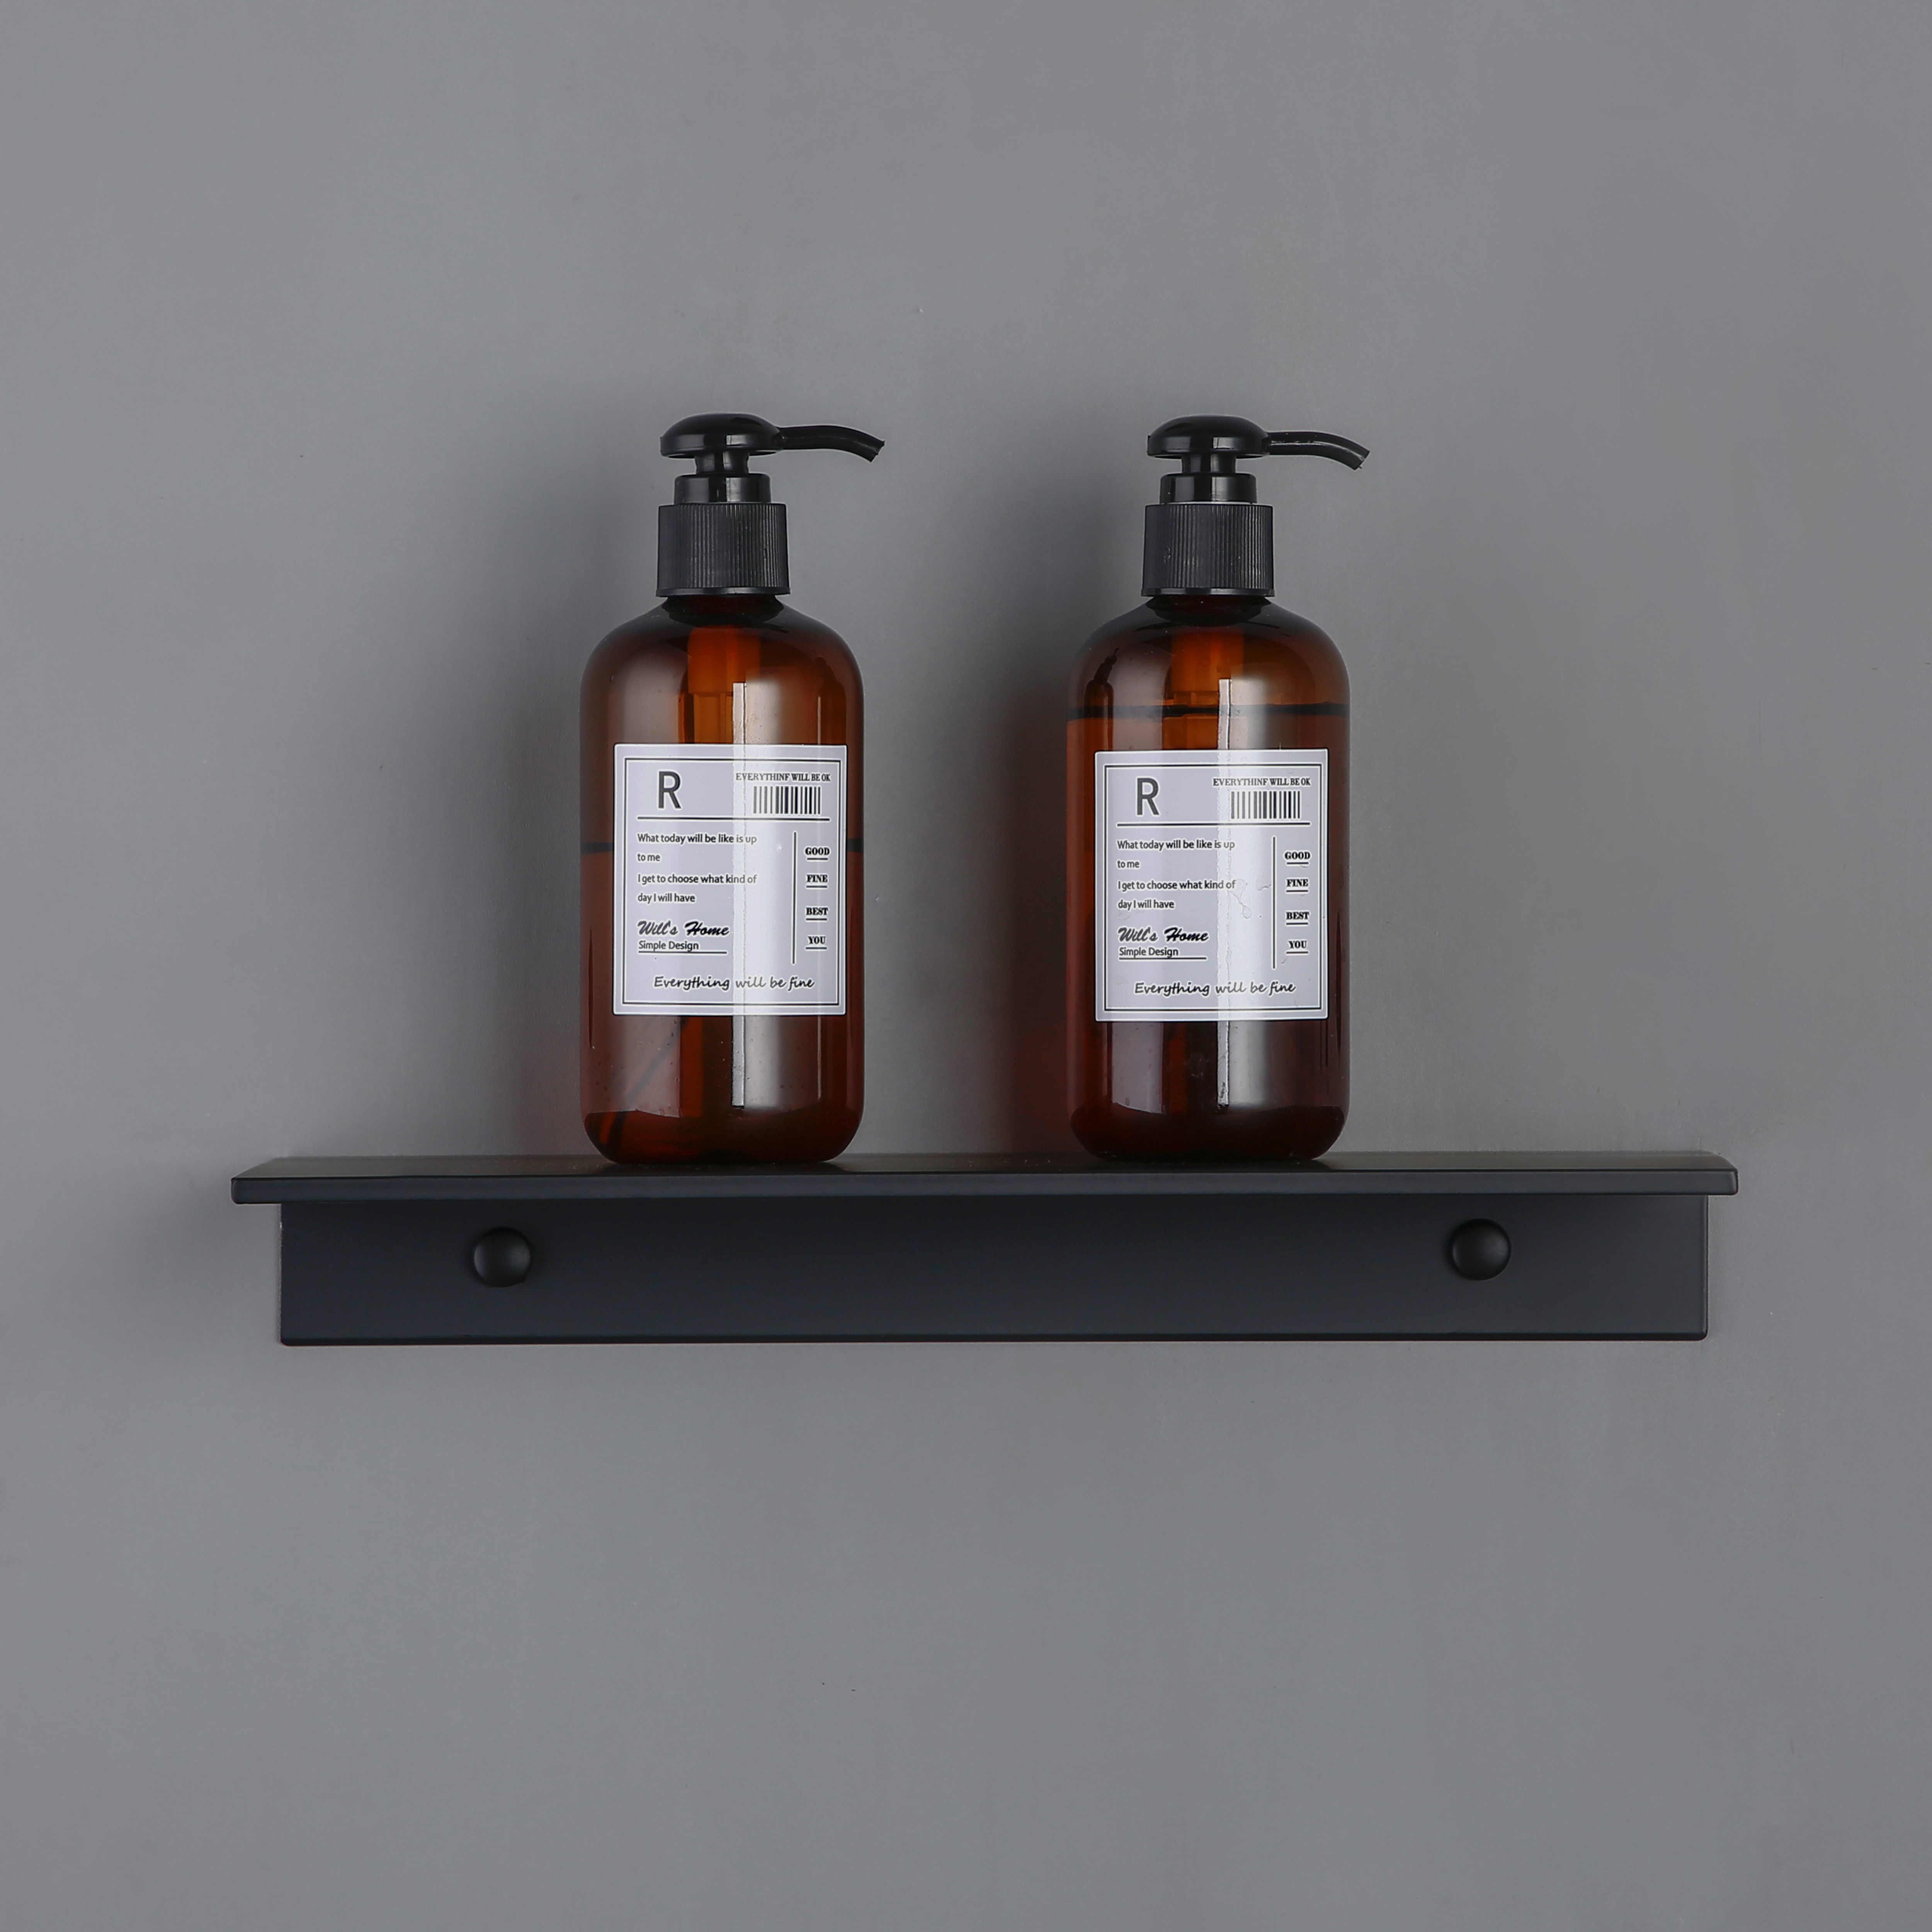 30-60 cm 블랙 주방 알루미늄 욕실 선반 샤워 스토리지 랙 벽 마운트 코너 바구니 샴푸 칫솔 컵 선반